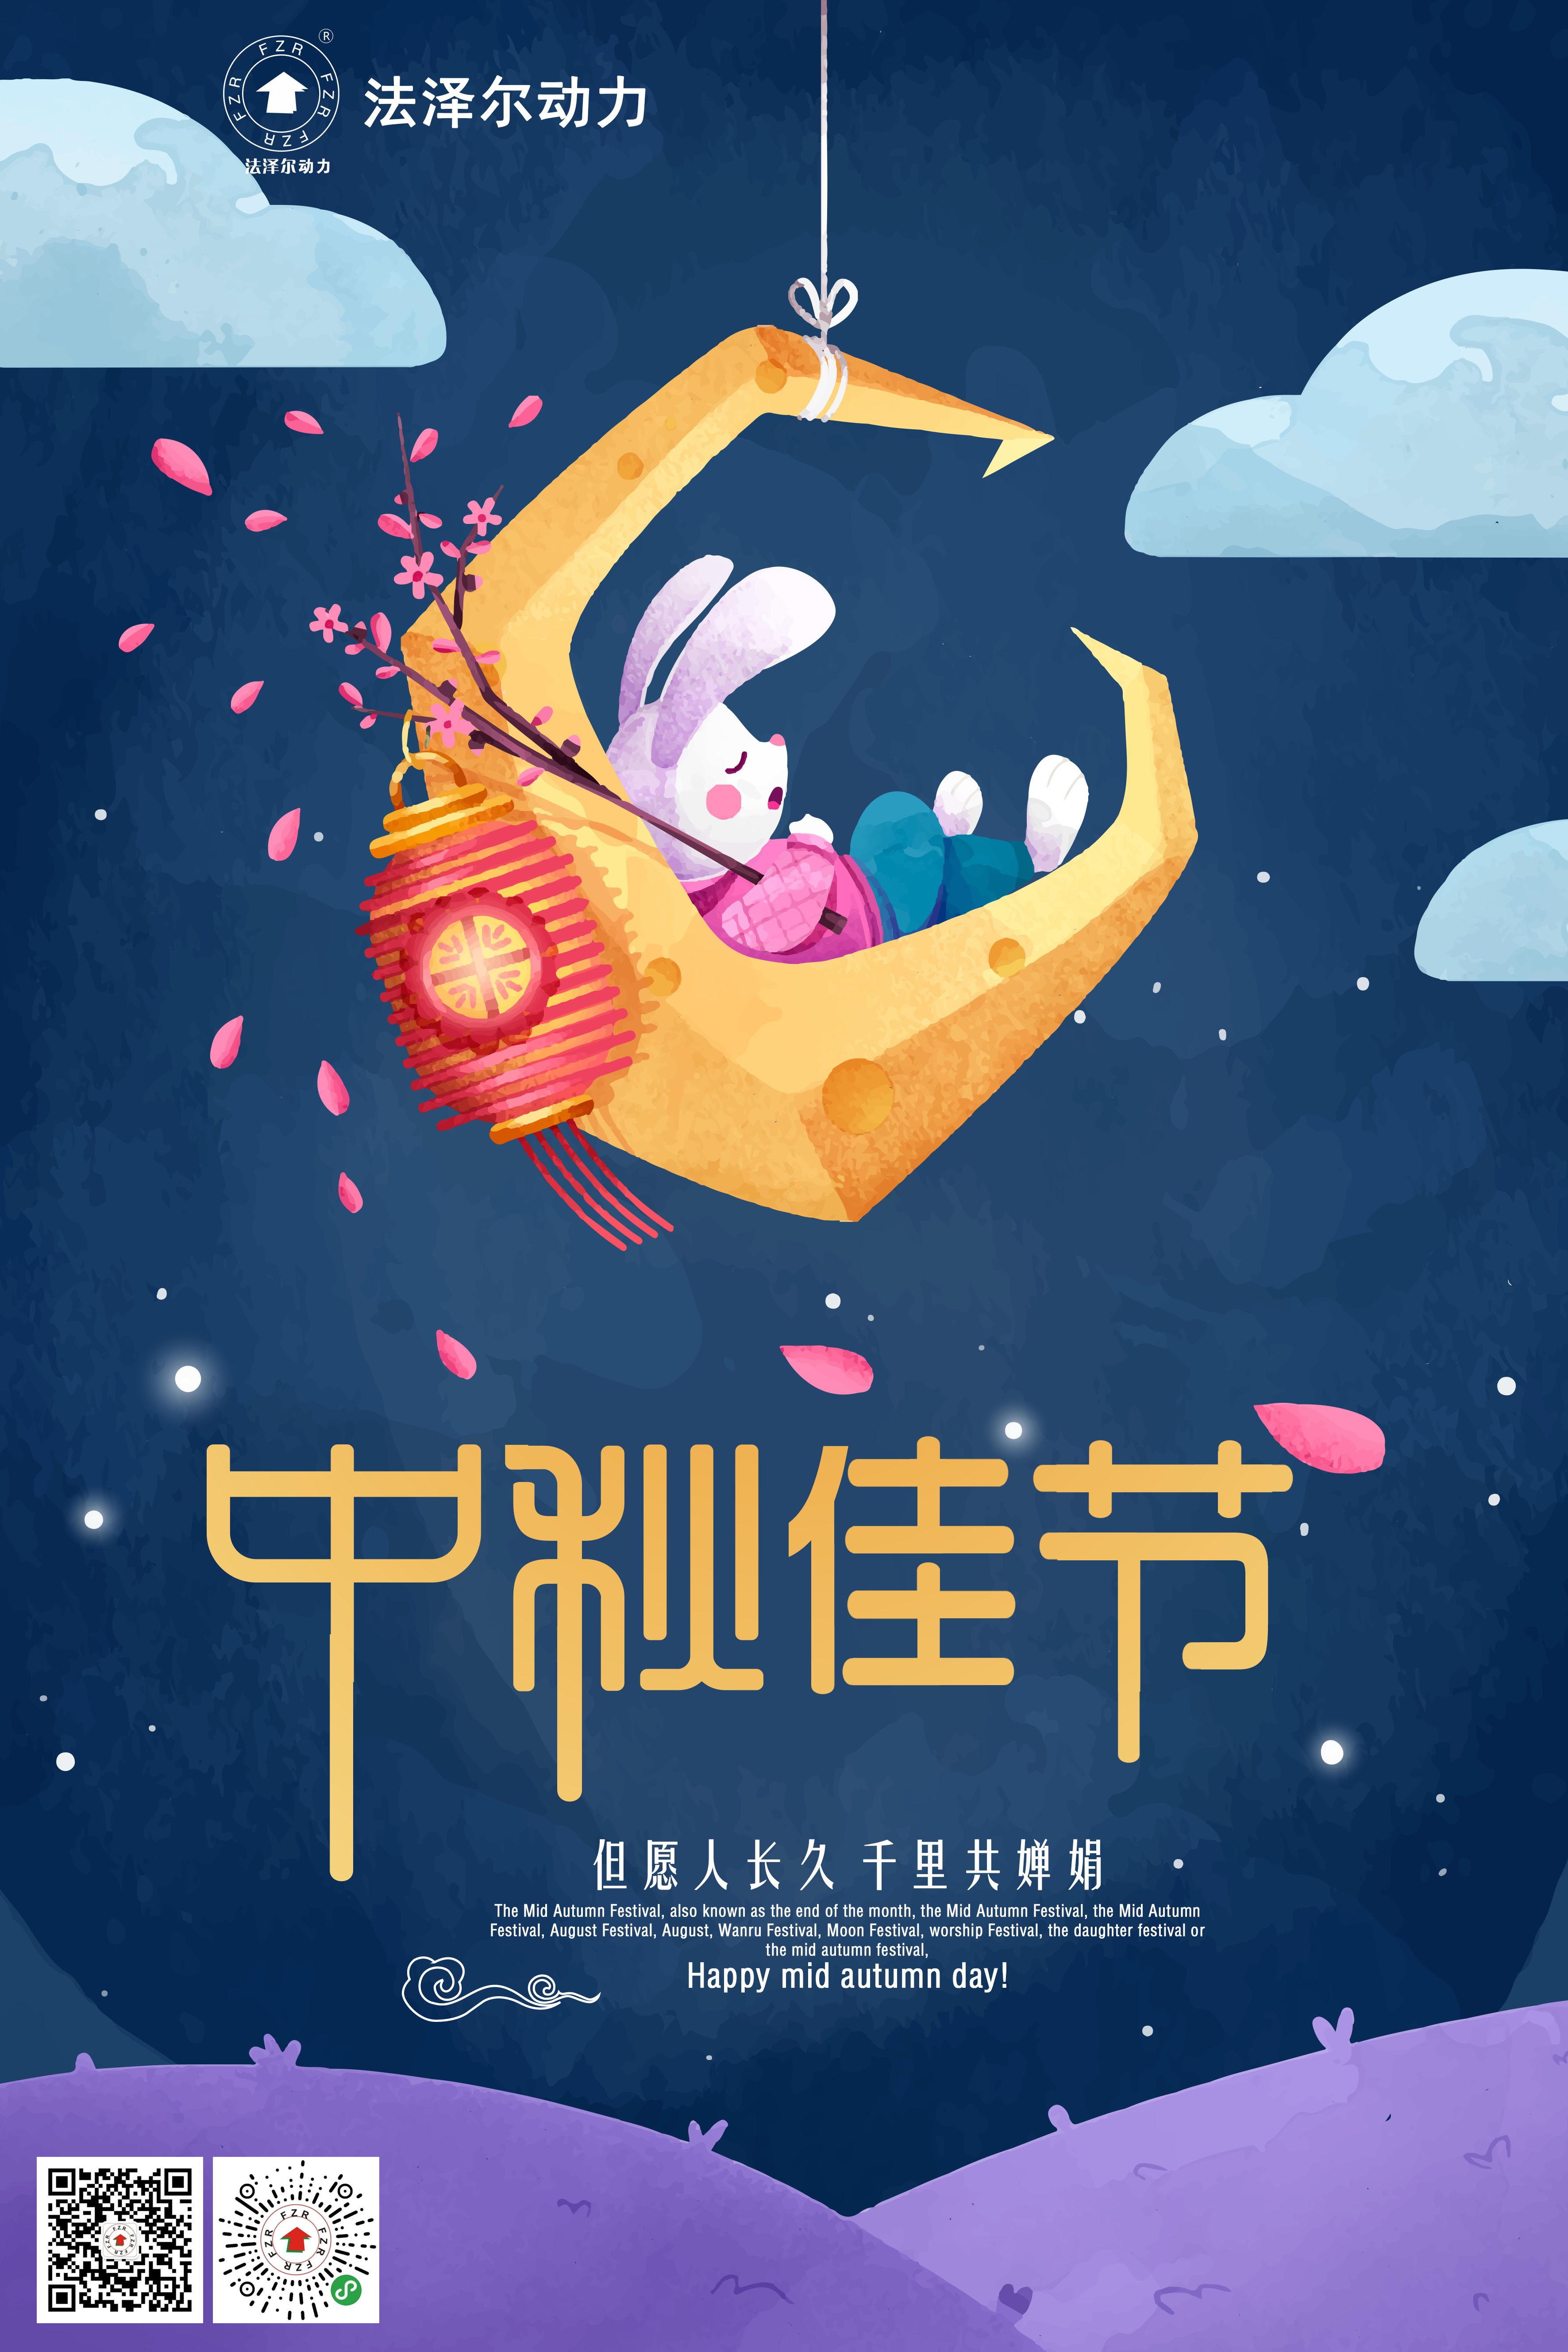 爱博体育官方下载动力祝中秋节快乐